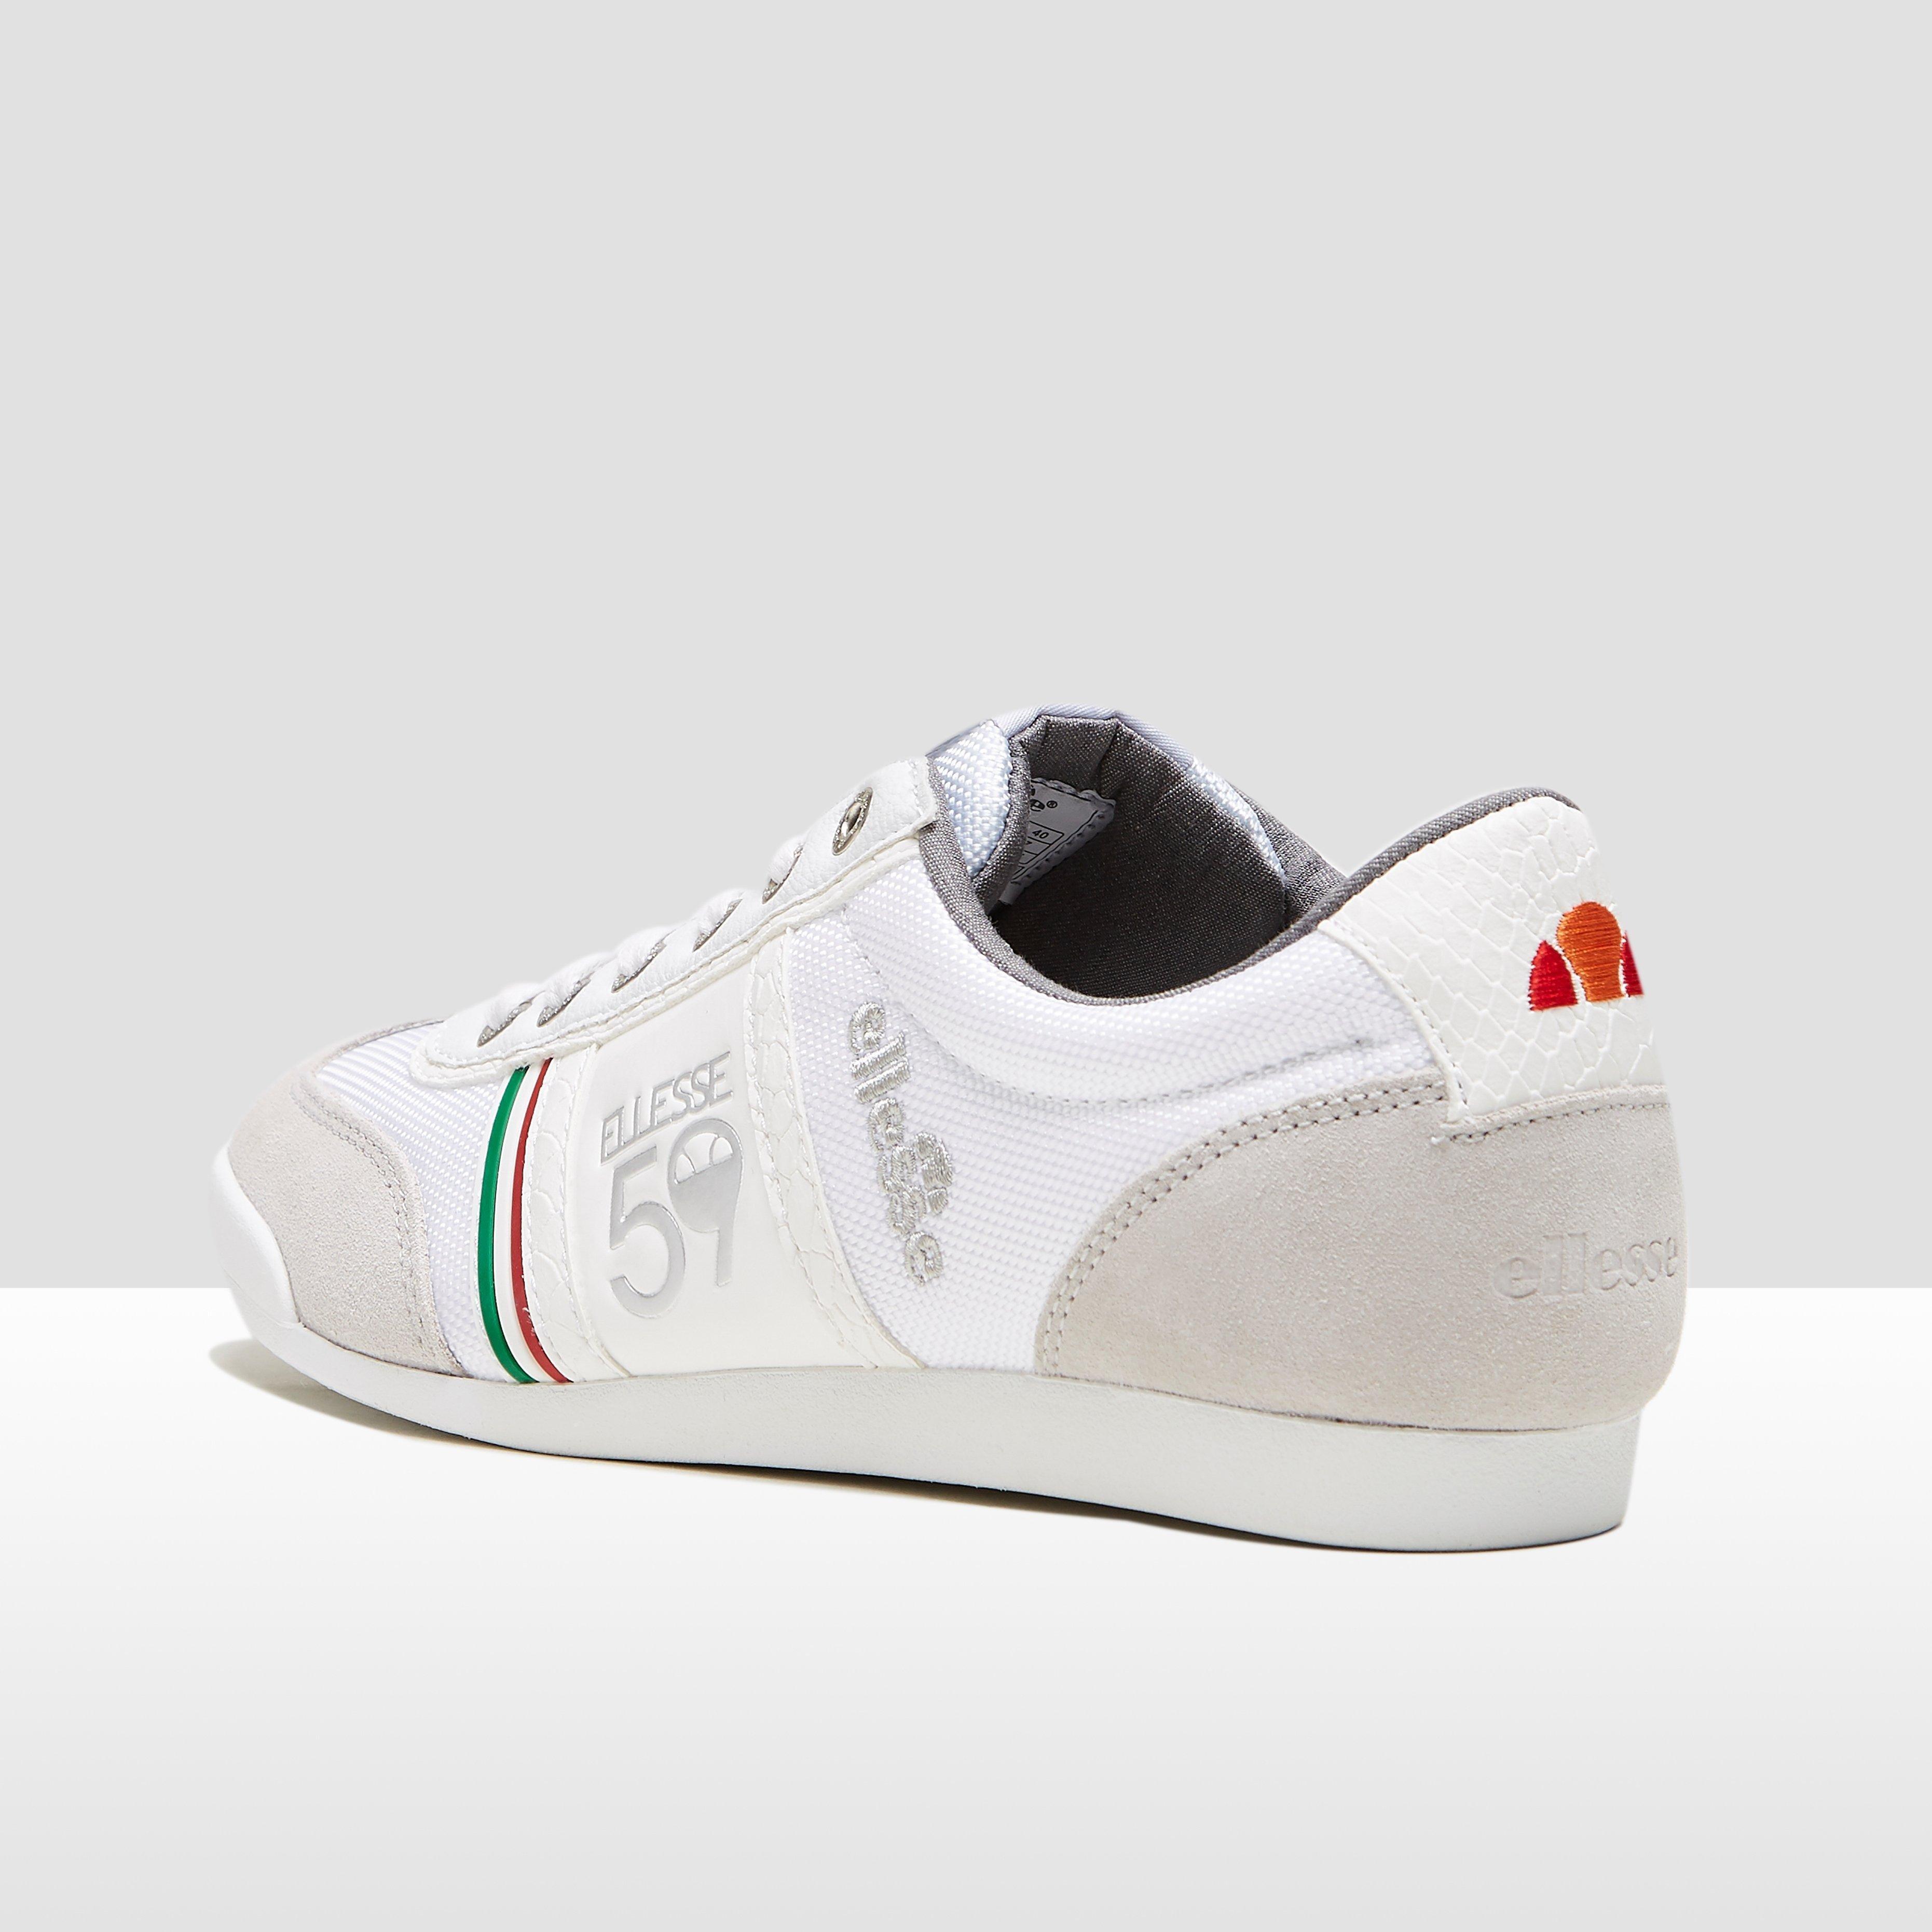 Ellesse Chaussures Beige 39 Hommes LWrZA